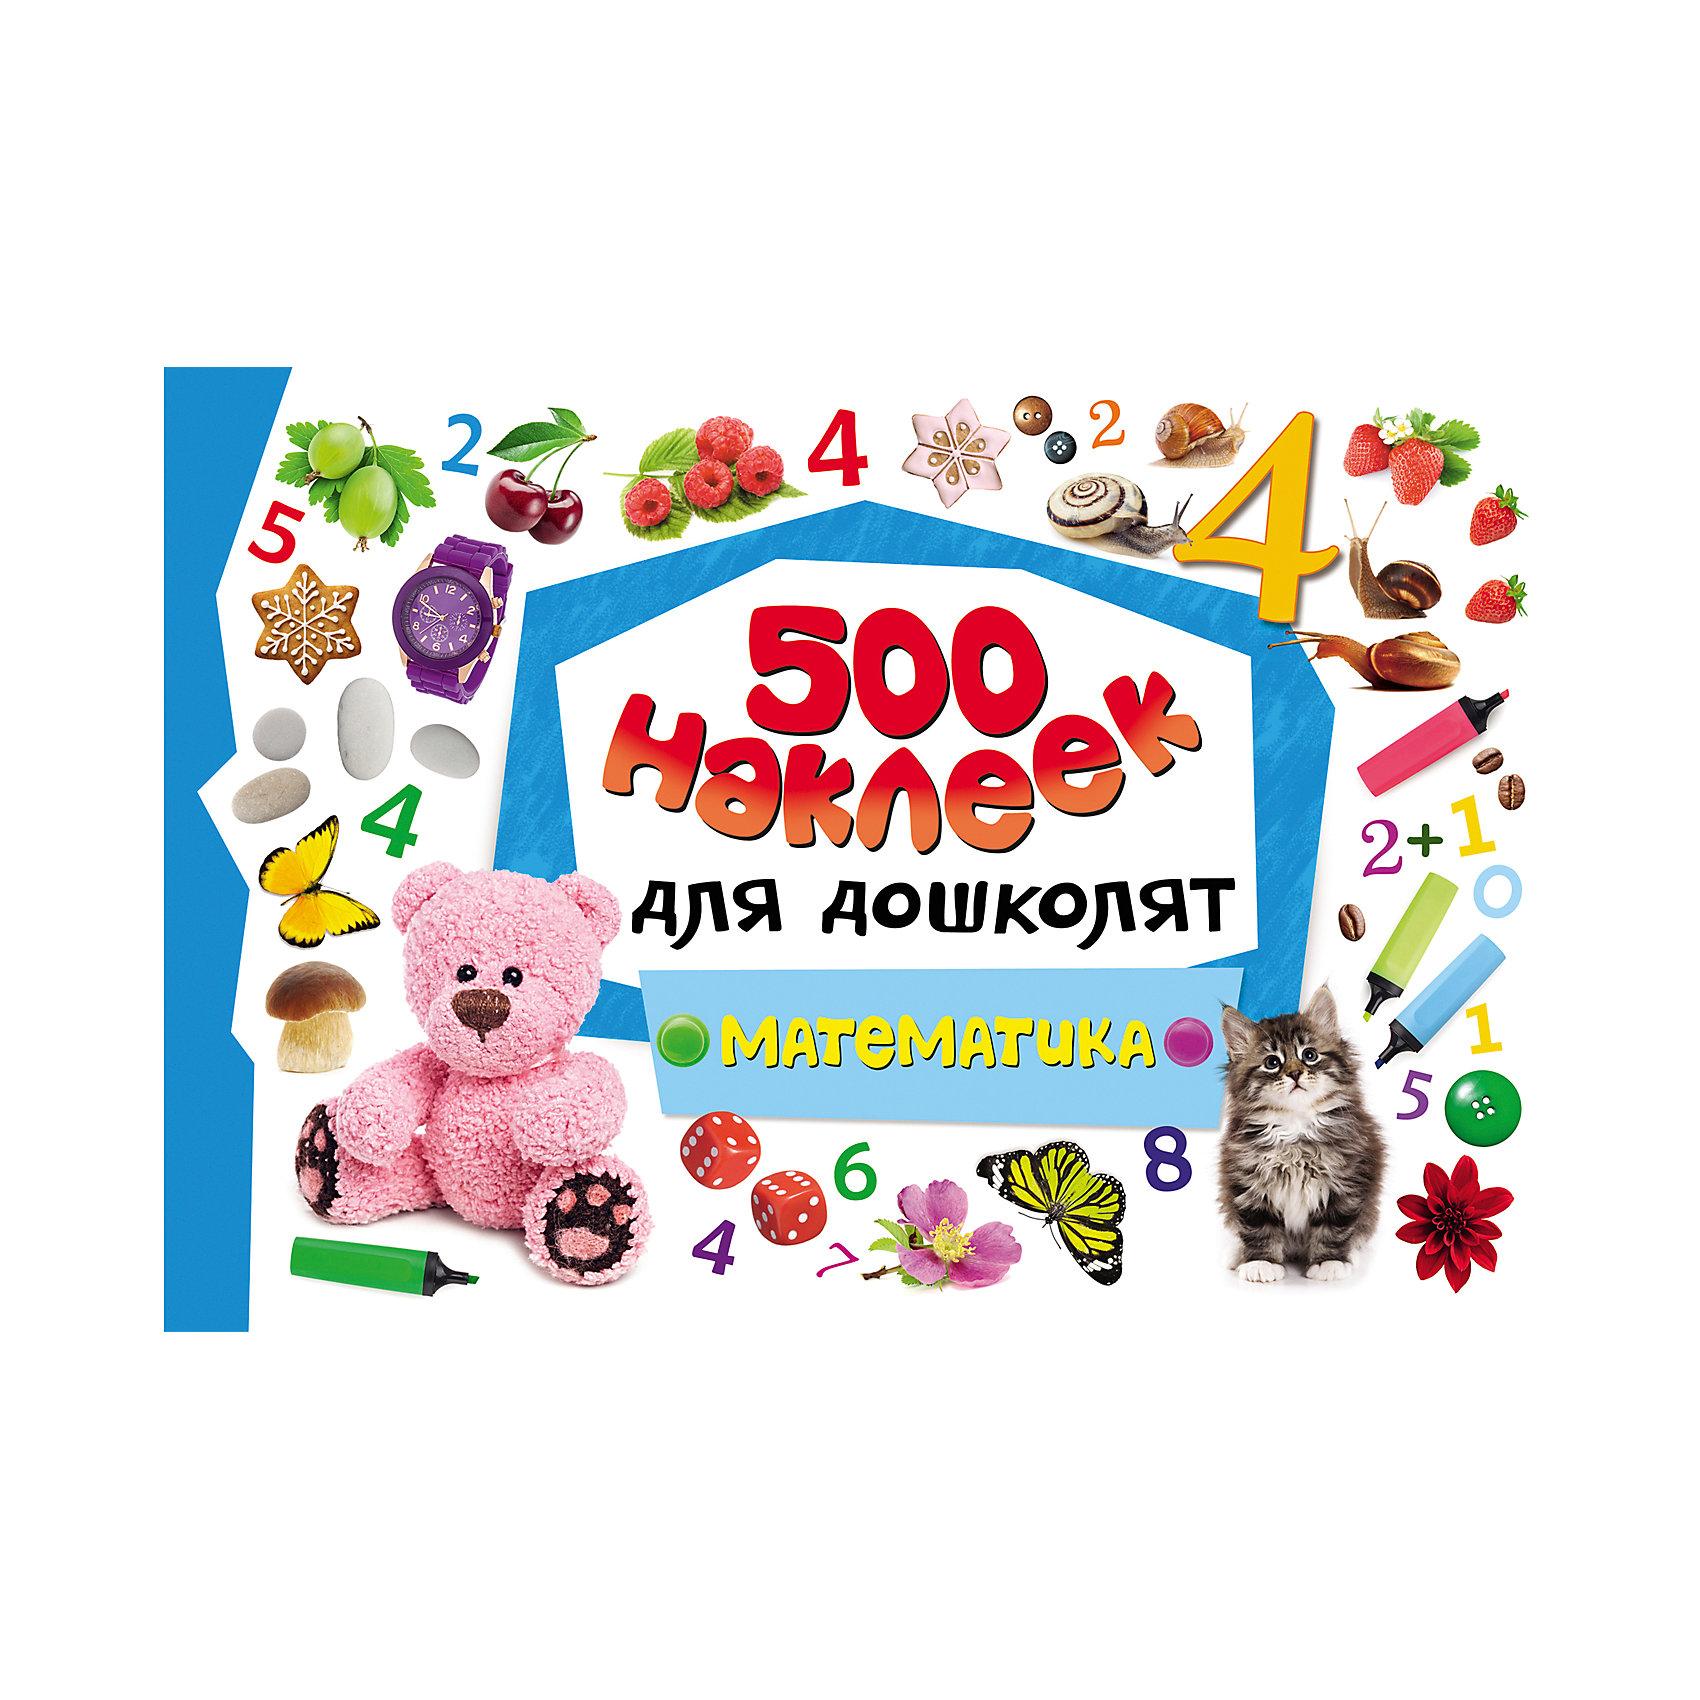 500 наклеек для дошколят, МатематикаРосмэн<br>Альбом наклеек Математика познакомит Вашего ребенка с цифрами, счетом и окружающим миром, поможет сформировать первоначальные математические понятия. На страницах альбома вы найдете огромное количество красочных наклеек с цифрами, а также предметами и<br>животными. Кроме того, на каждой странице имеются интересные для ребенка задания, направленные на развитие памяти, внимания, речи, воображения и логического мышления. Альбом наклеек можно использовать на развивающих занятиях с детьми или при индивидуальной<br>работе. Кроме данных в альбоме заданий, Вы можете придумать свои собственные варианты игр. Например, разбить наклейки на тематические группы по разным основаниям (Живое-неживое, Одинаковый цвет). Загадать изображение, предлагая ребенку по описанию узнать<br>предмет, найти соответствующую наклейку. Наклейками можно украсить тетради, альбомы, открытки или свою комнату!<br><br><br>Дополнительная информация:<br><br>- Серия: 500 наклеек для дошколят.<br>- Обложка: мягкая.<br>- Иллюстрации: цветные.<br>- Объем: 24 стр.<br>- Размер: 29,7x 0,2 x 20 см.<br>- Вес: 0,134 кг.<br><br>500 наклеек для дошколят, Математика, Росмэн, можно купить в нашем интернет-магазине.<br><br>Ширина мм: 297<br>Глубина мм: 200<br>Высота мм: 2<br>Вес г: 1308<br>Возраст от месяцев: 60<br>Возраст до месяцев: 2147483647<br>Пол: Унисекс<br>Возраст: Детский<br>SKU: 4720604